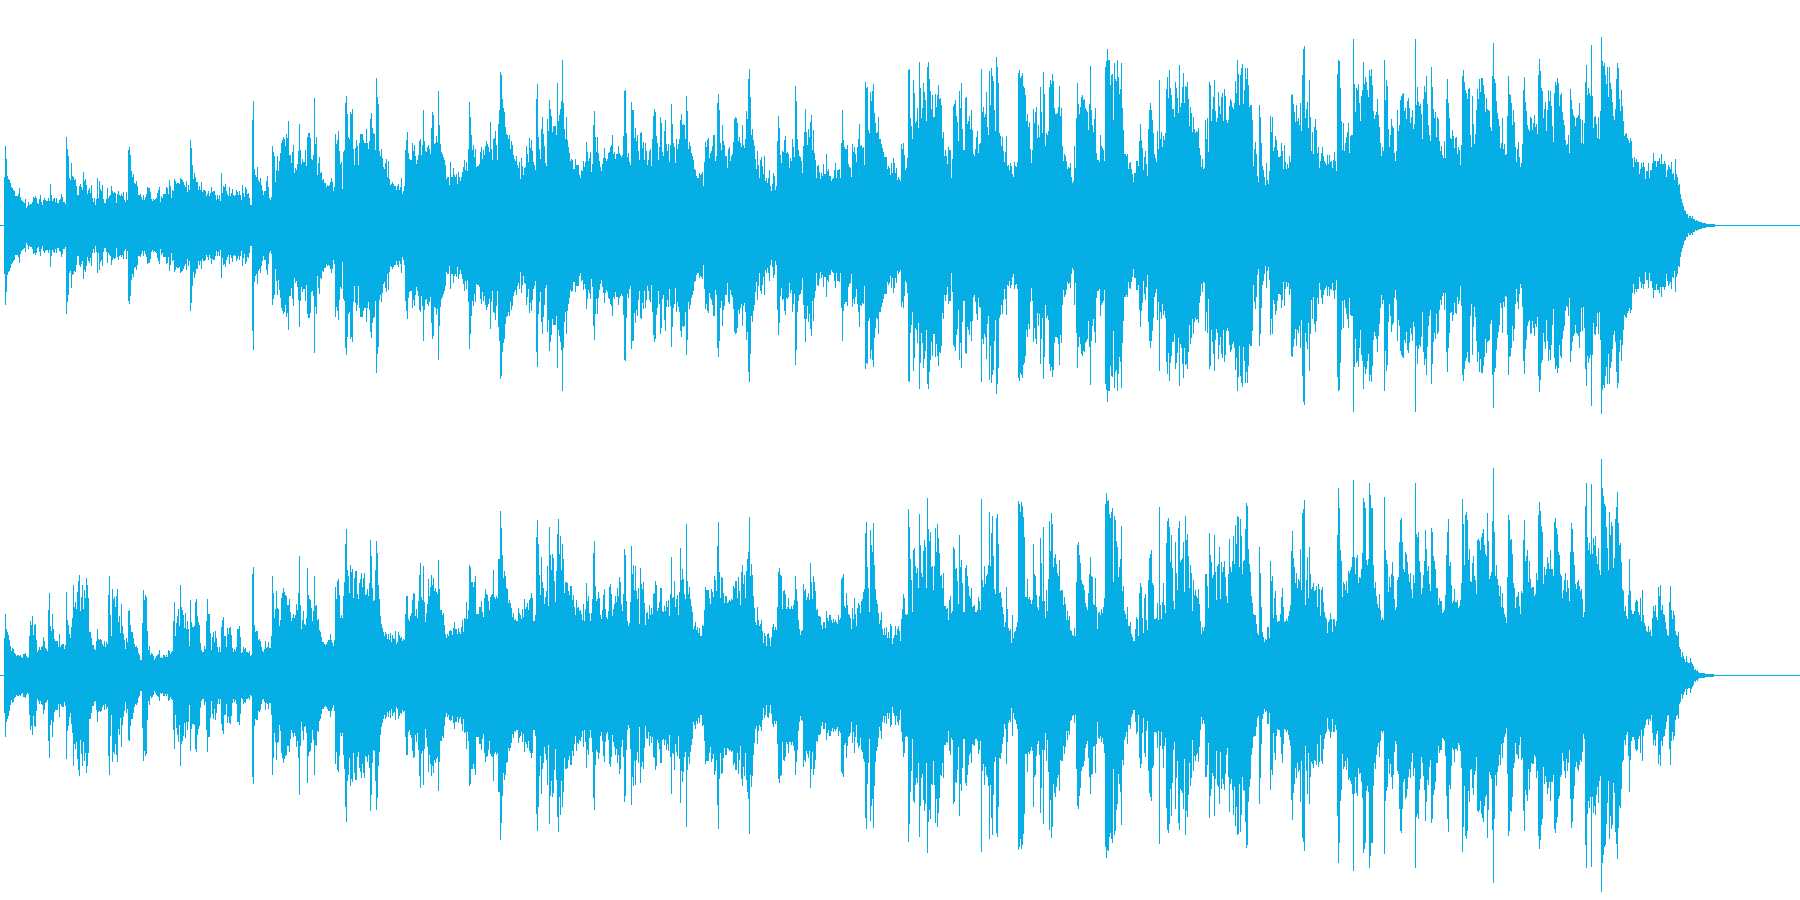 哀愁漂うダンディーなマイナー・ジャズの再生済みの波形